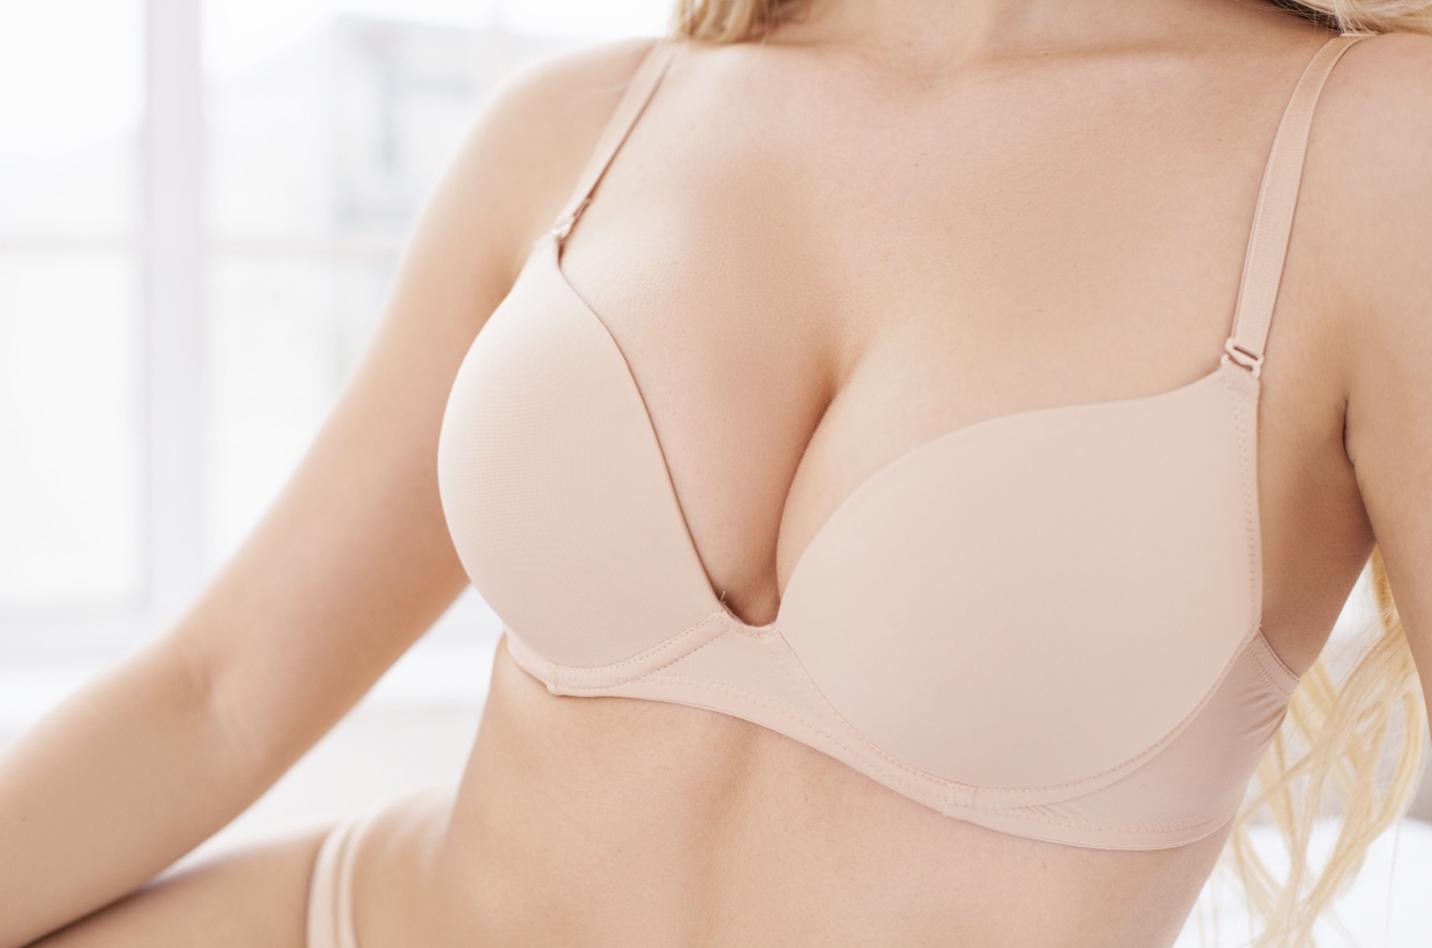 Hoe kies ik het geschikte implantaat voor een borstvergroting?